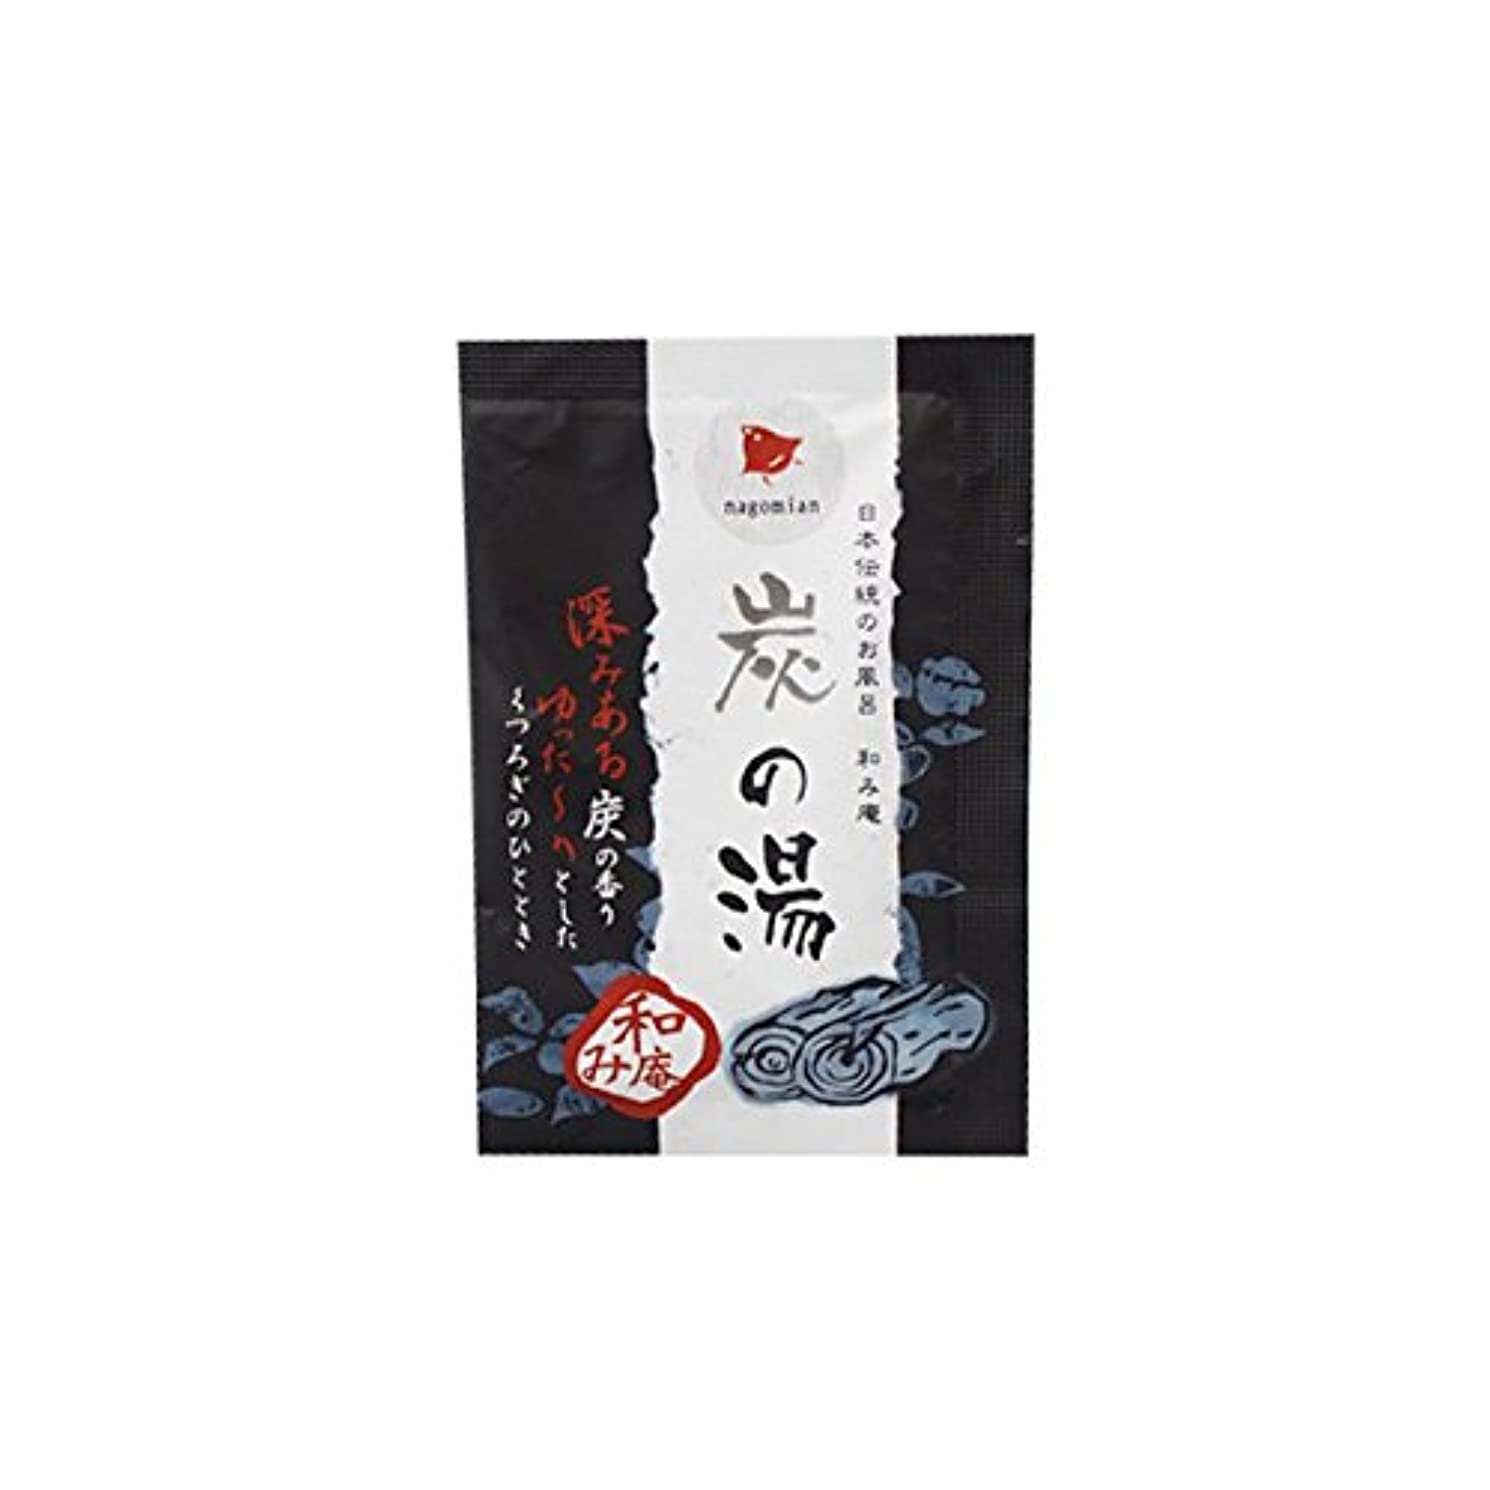 手絶縁する同種の和み庵 入浴剤 「炭の湯」30個